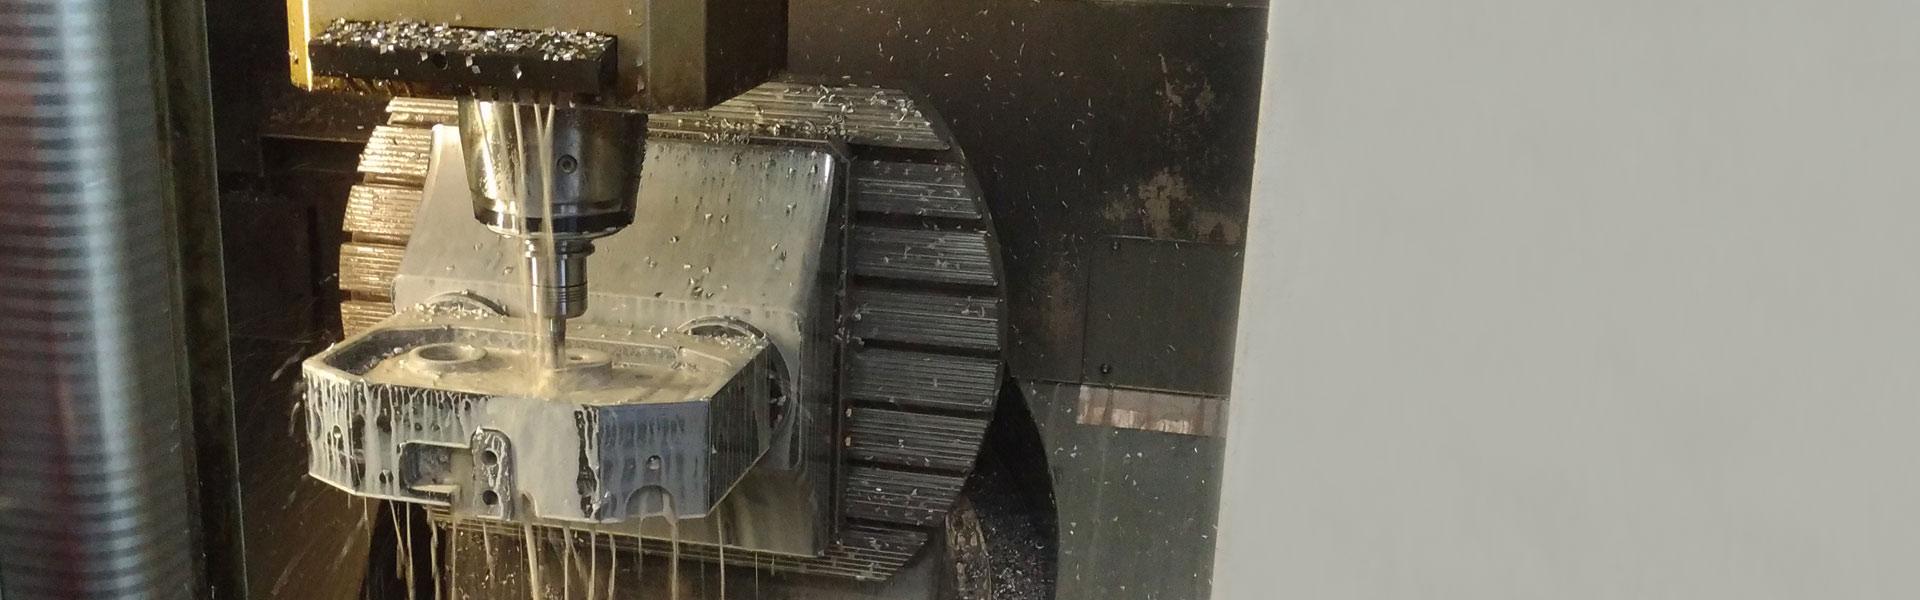 prototipazione rapida metalli